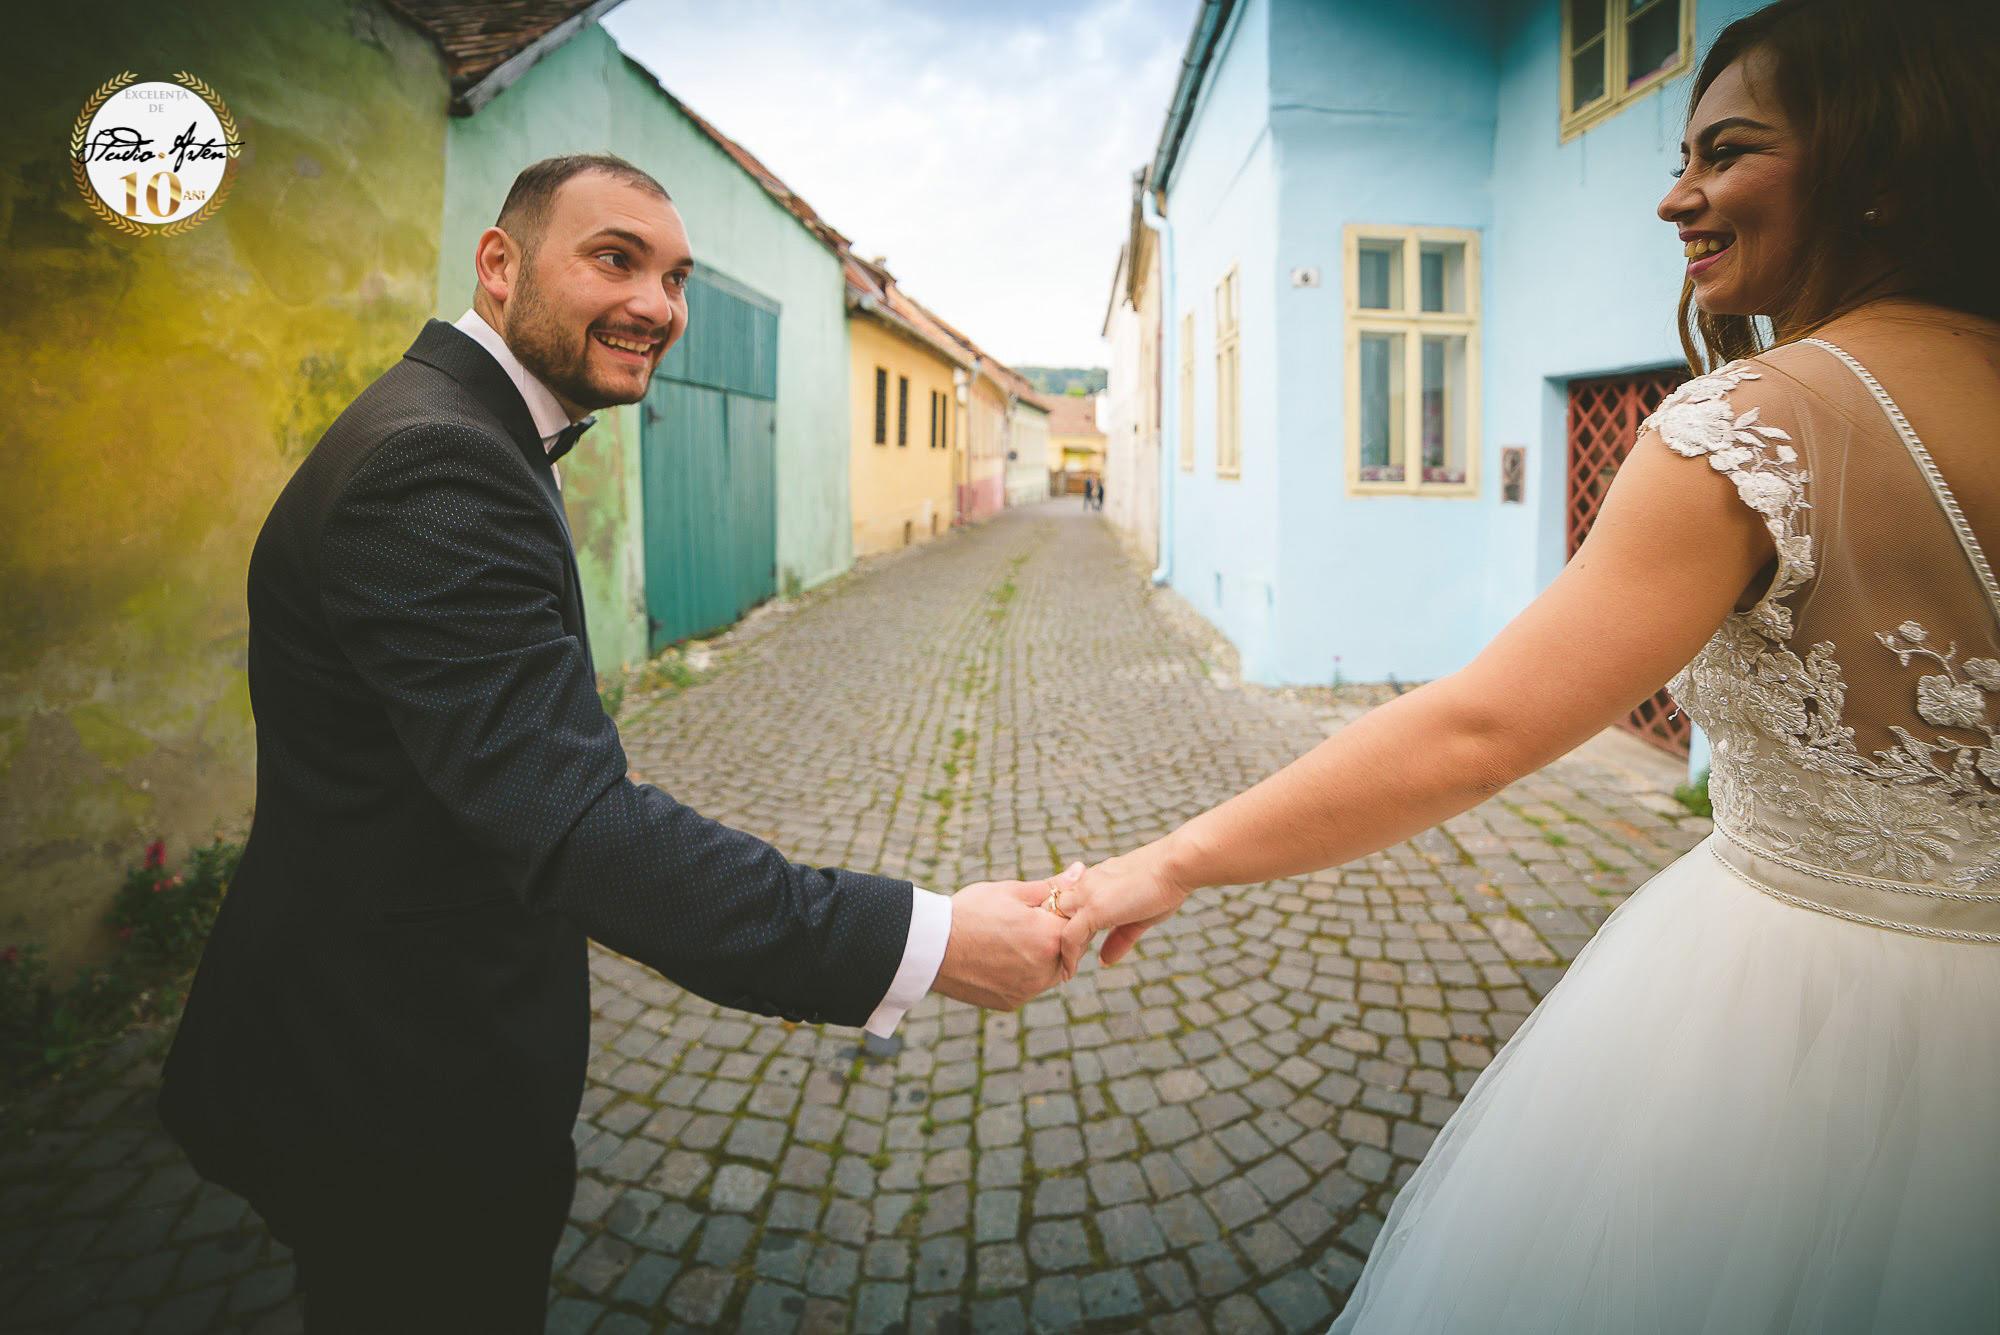 Fotograf nunta mures, fotografii de nunta, sedinta foto nunta, foto logodna, foto nunta, poze nunta, trash the dress, album nunta personalizat, Studio Arten